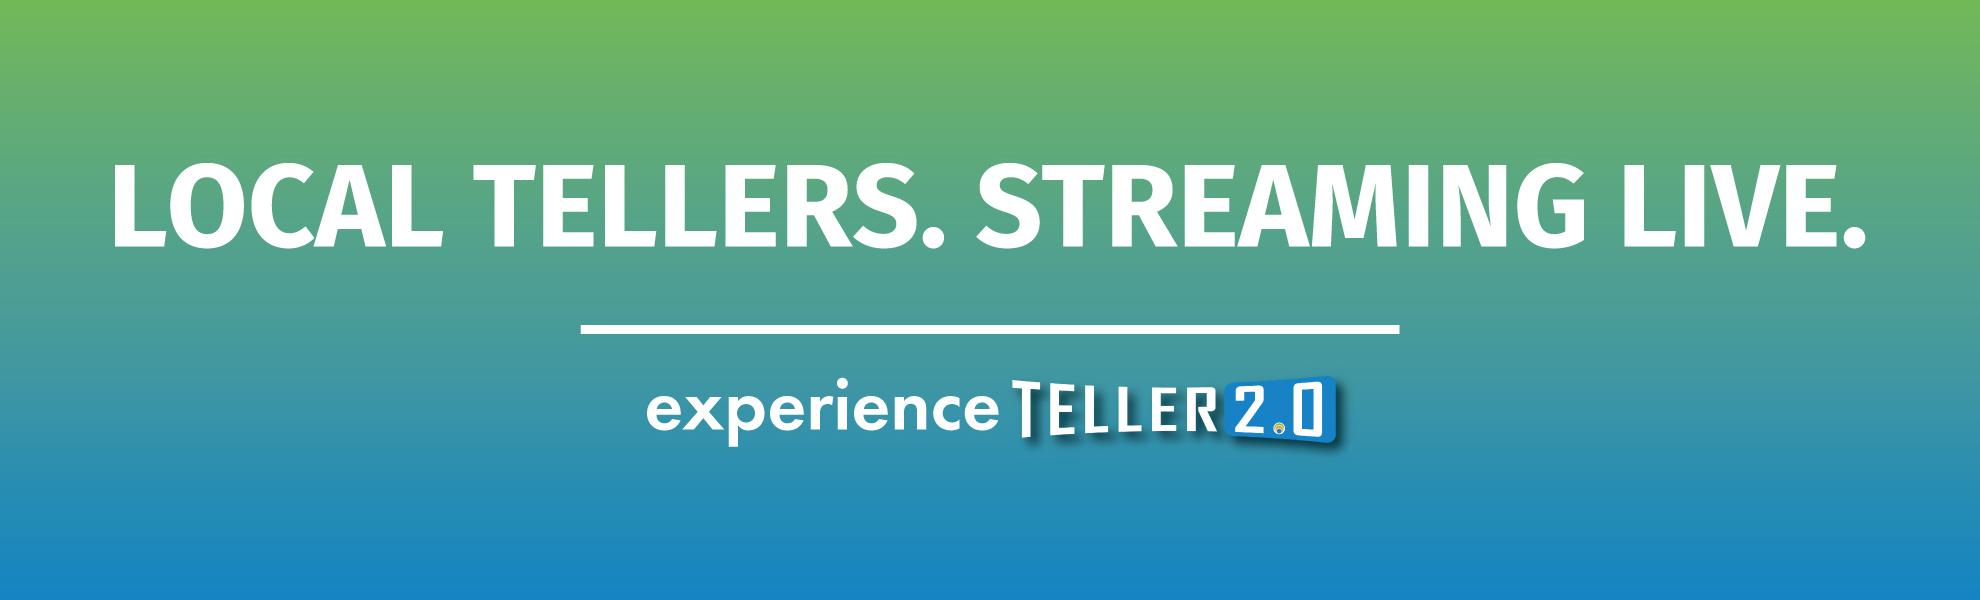 Teller 2.0